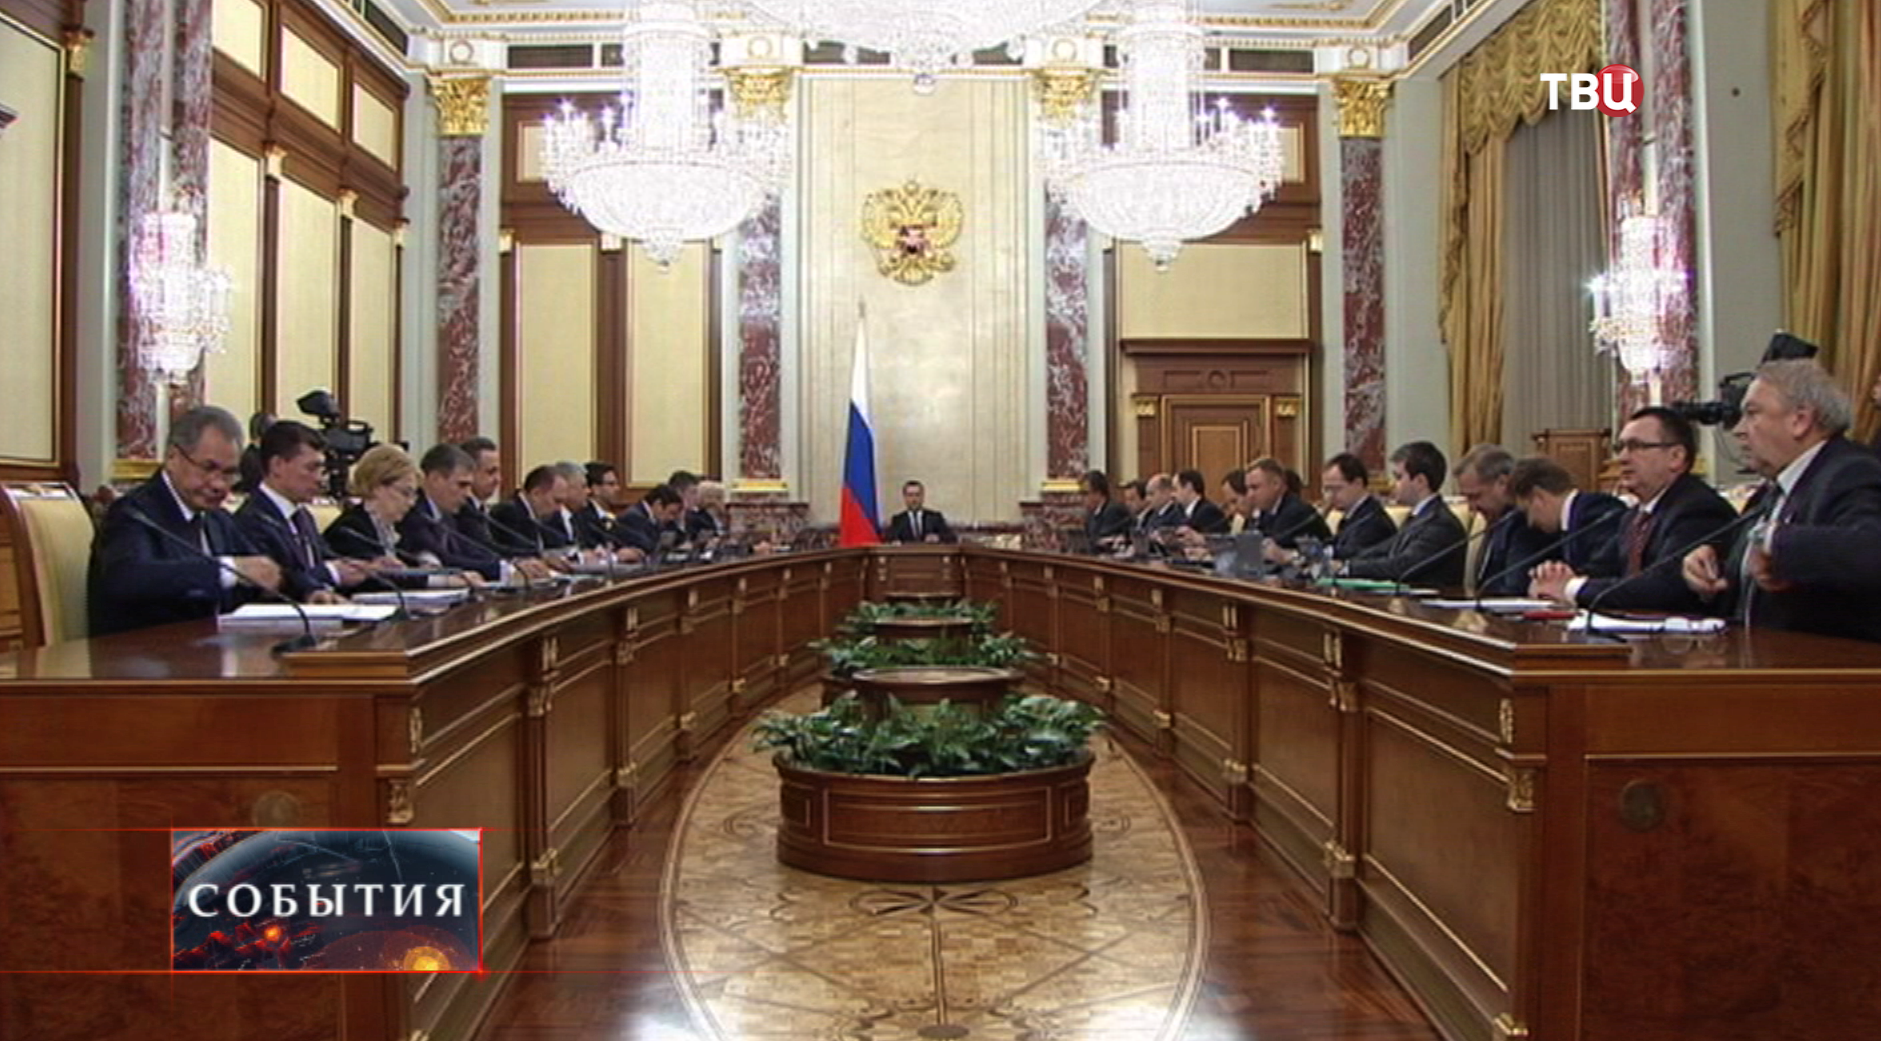 Дмитрий Медведев провел заседание правительства